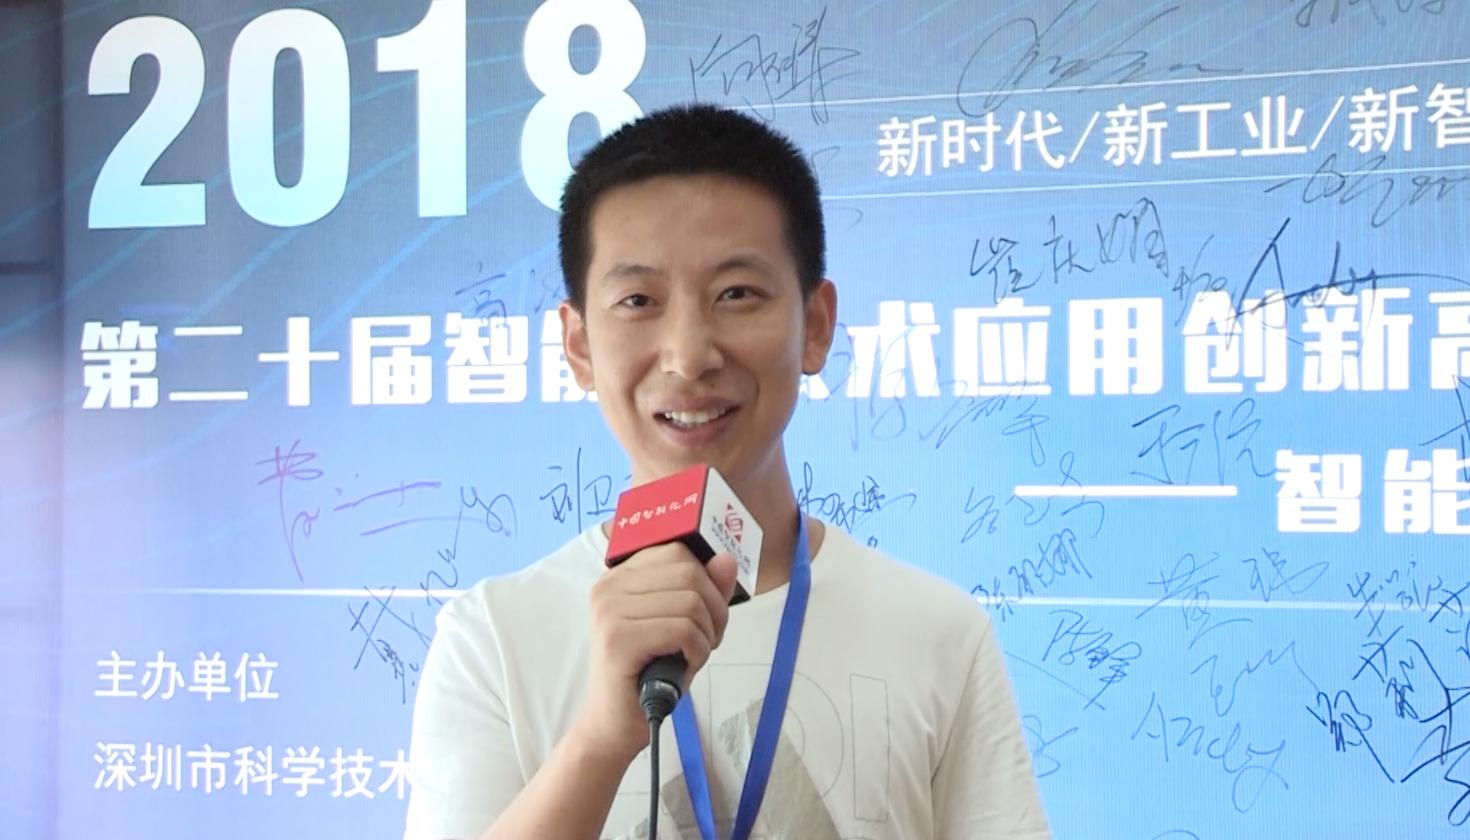 中科伺服董事长李鹏先生:专注领域 做好产品 (682播放)